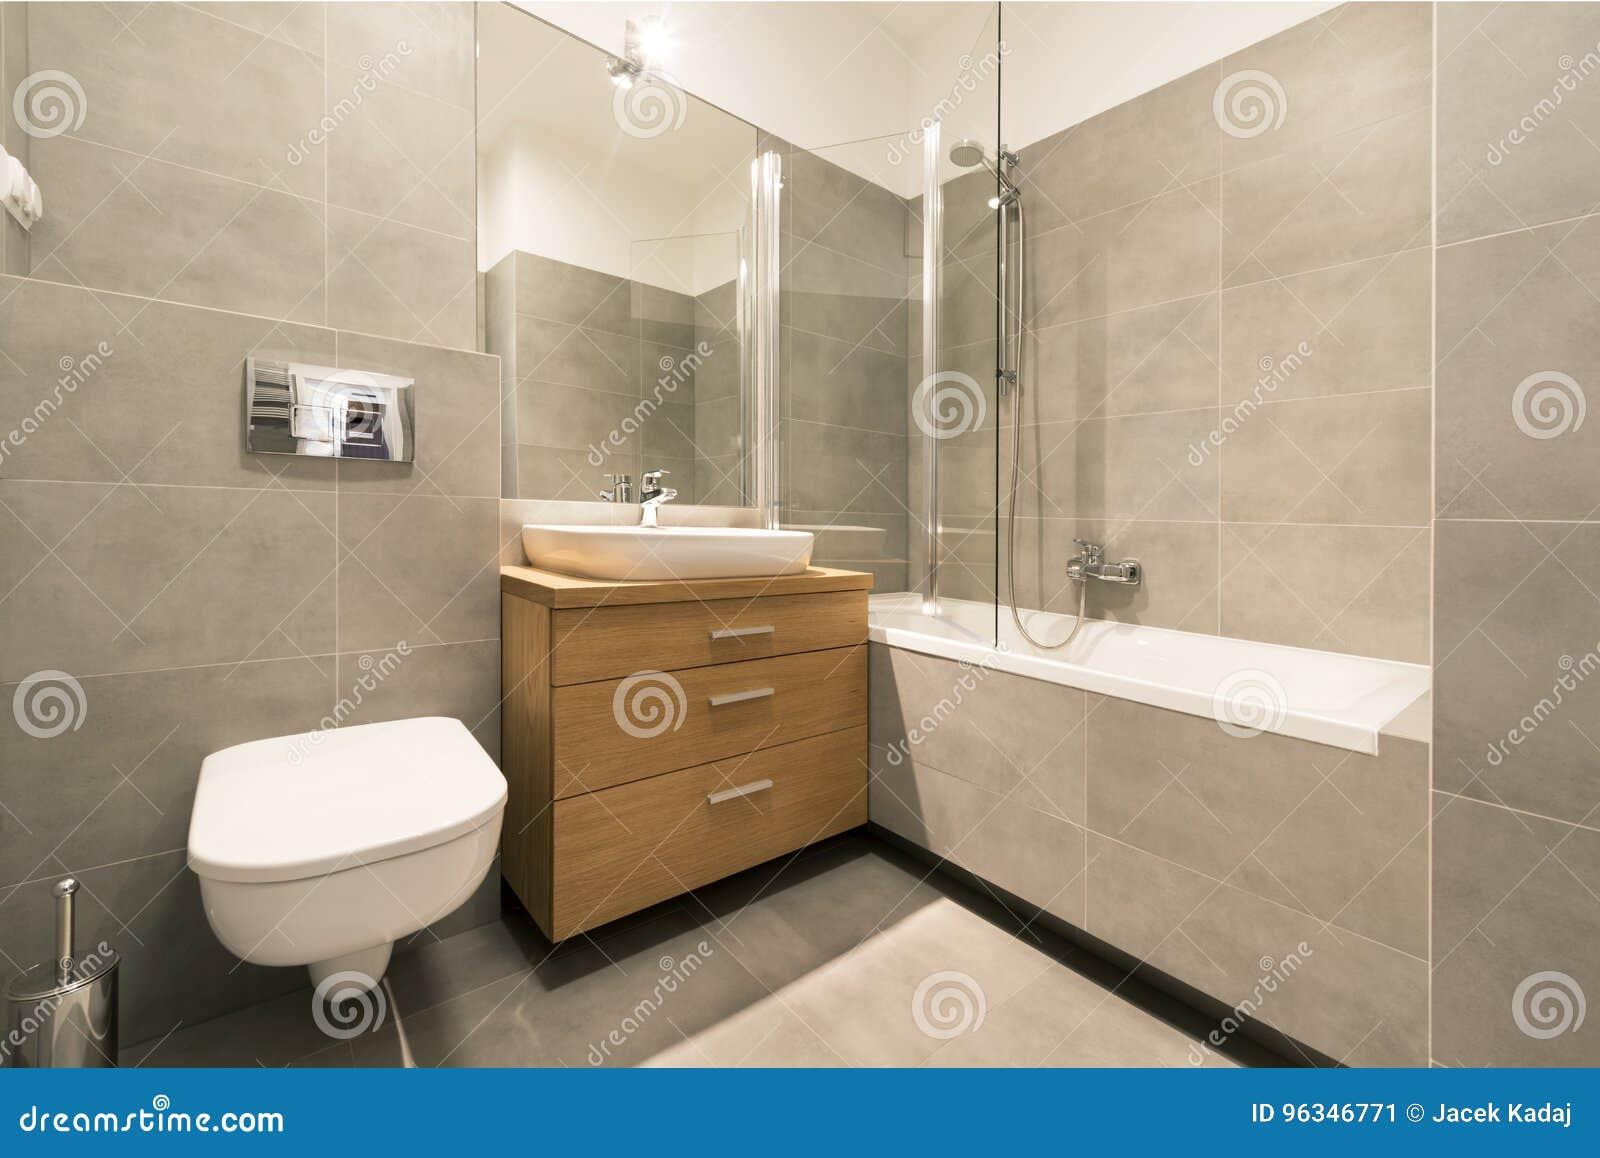 Trendy download bagno moderno con le mattonelle sul pavimento immagine stock immagine di disegno - Mattonelle bagno moderne ...